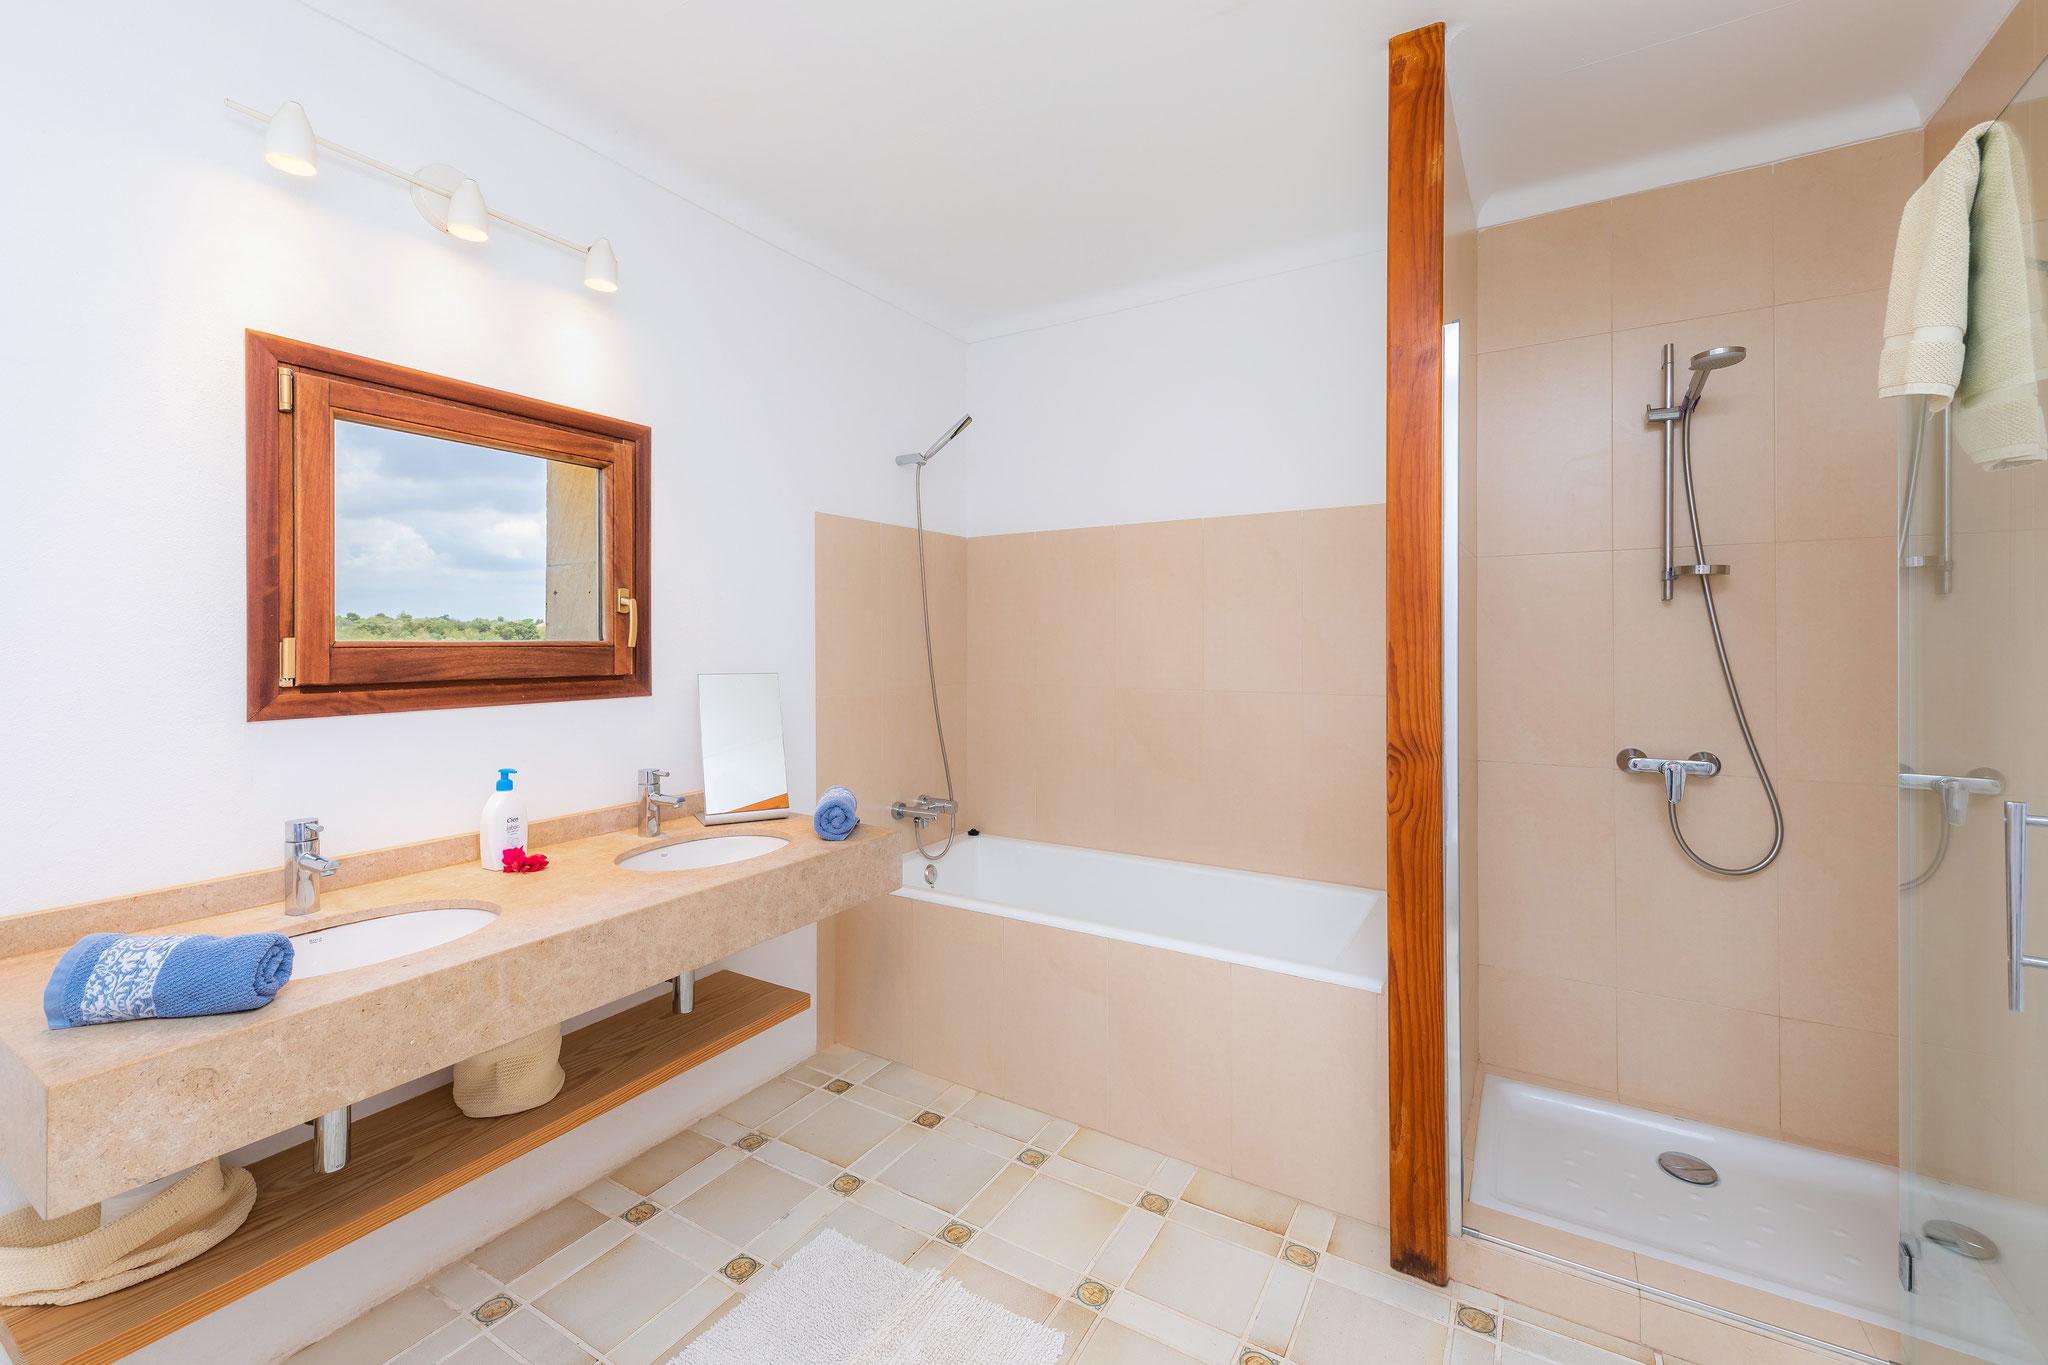 primera planta, baño con ducha y bañera